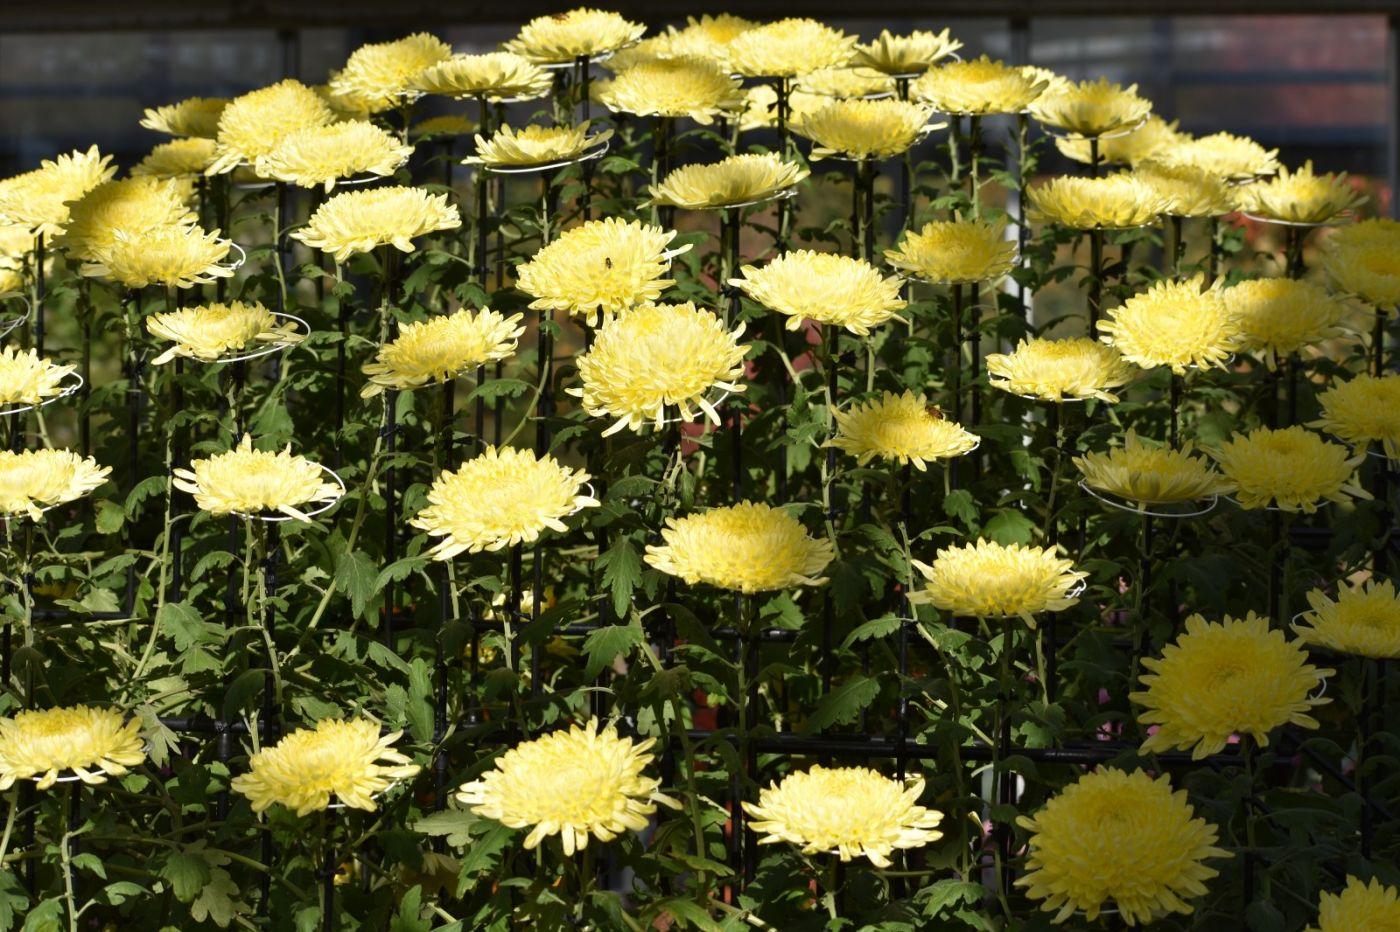 植物园日本菊花展_图1-28